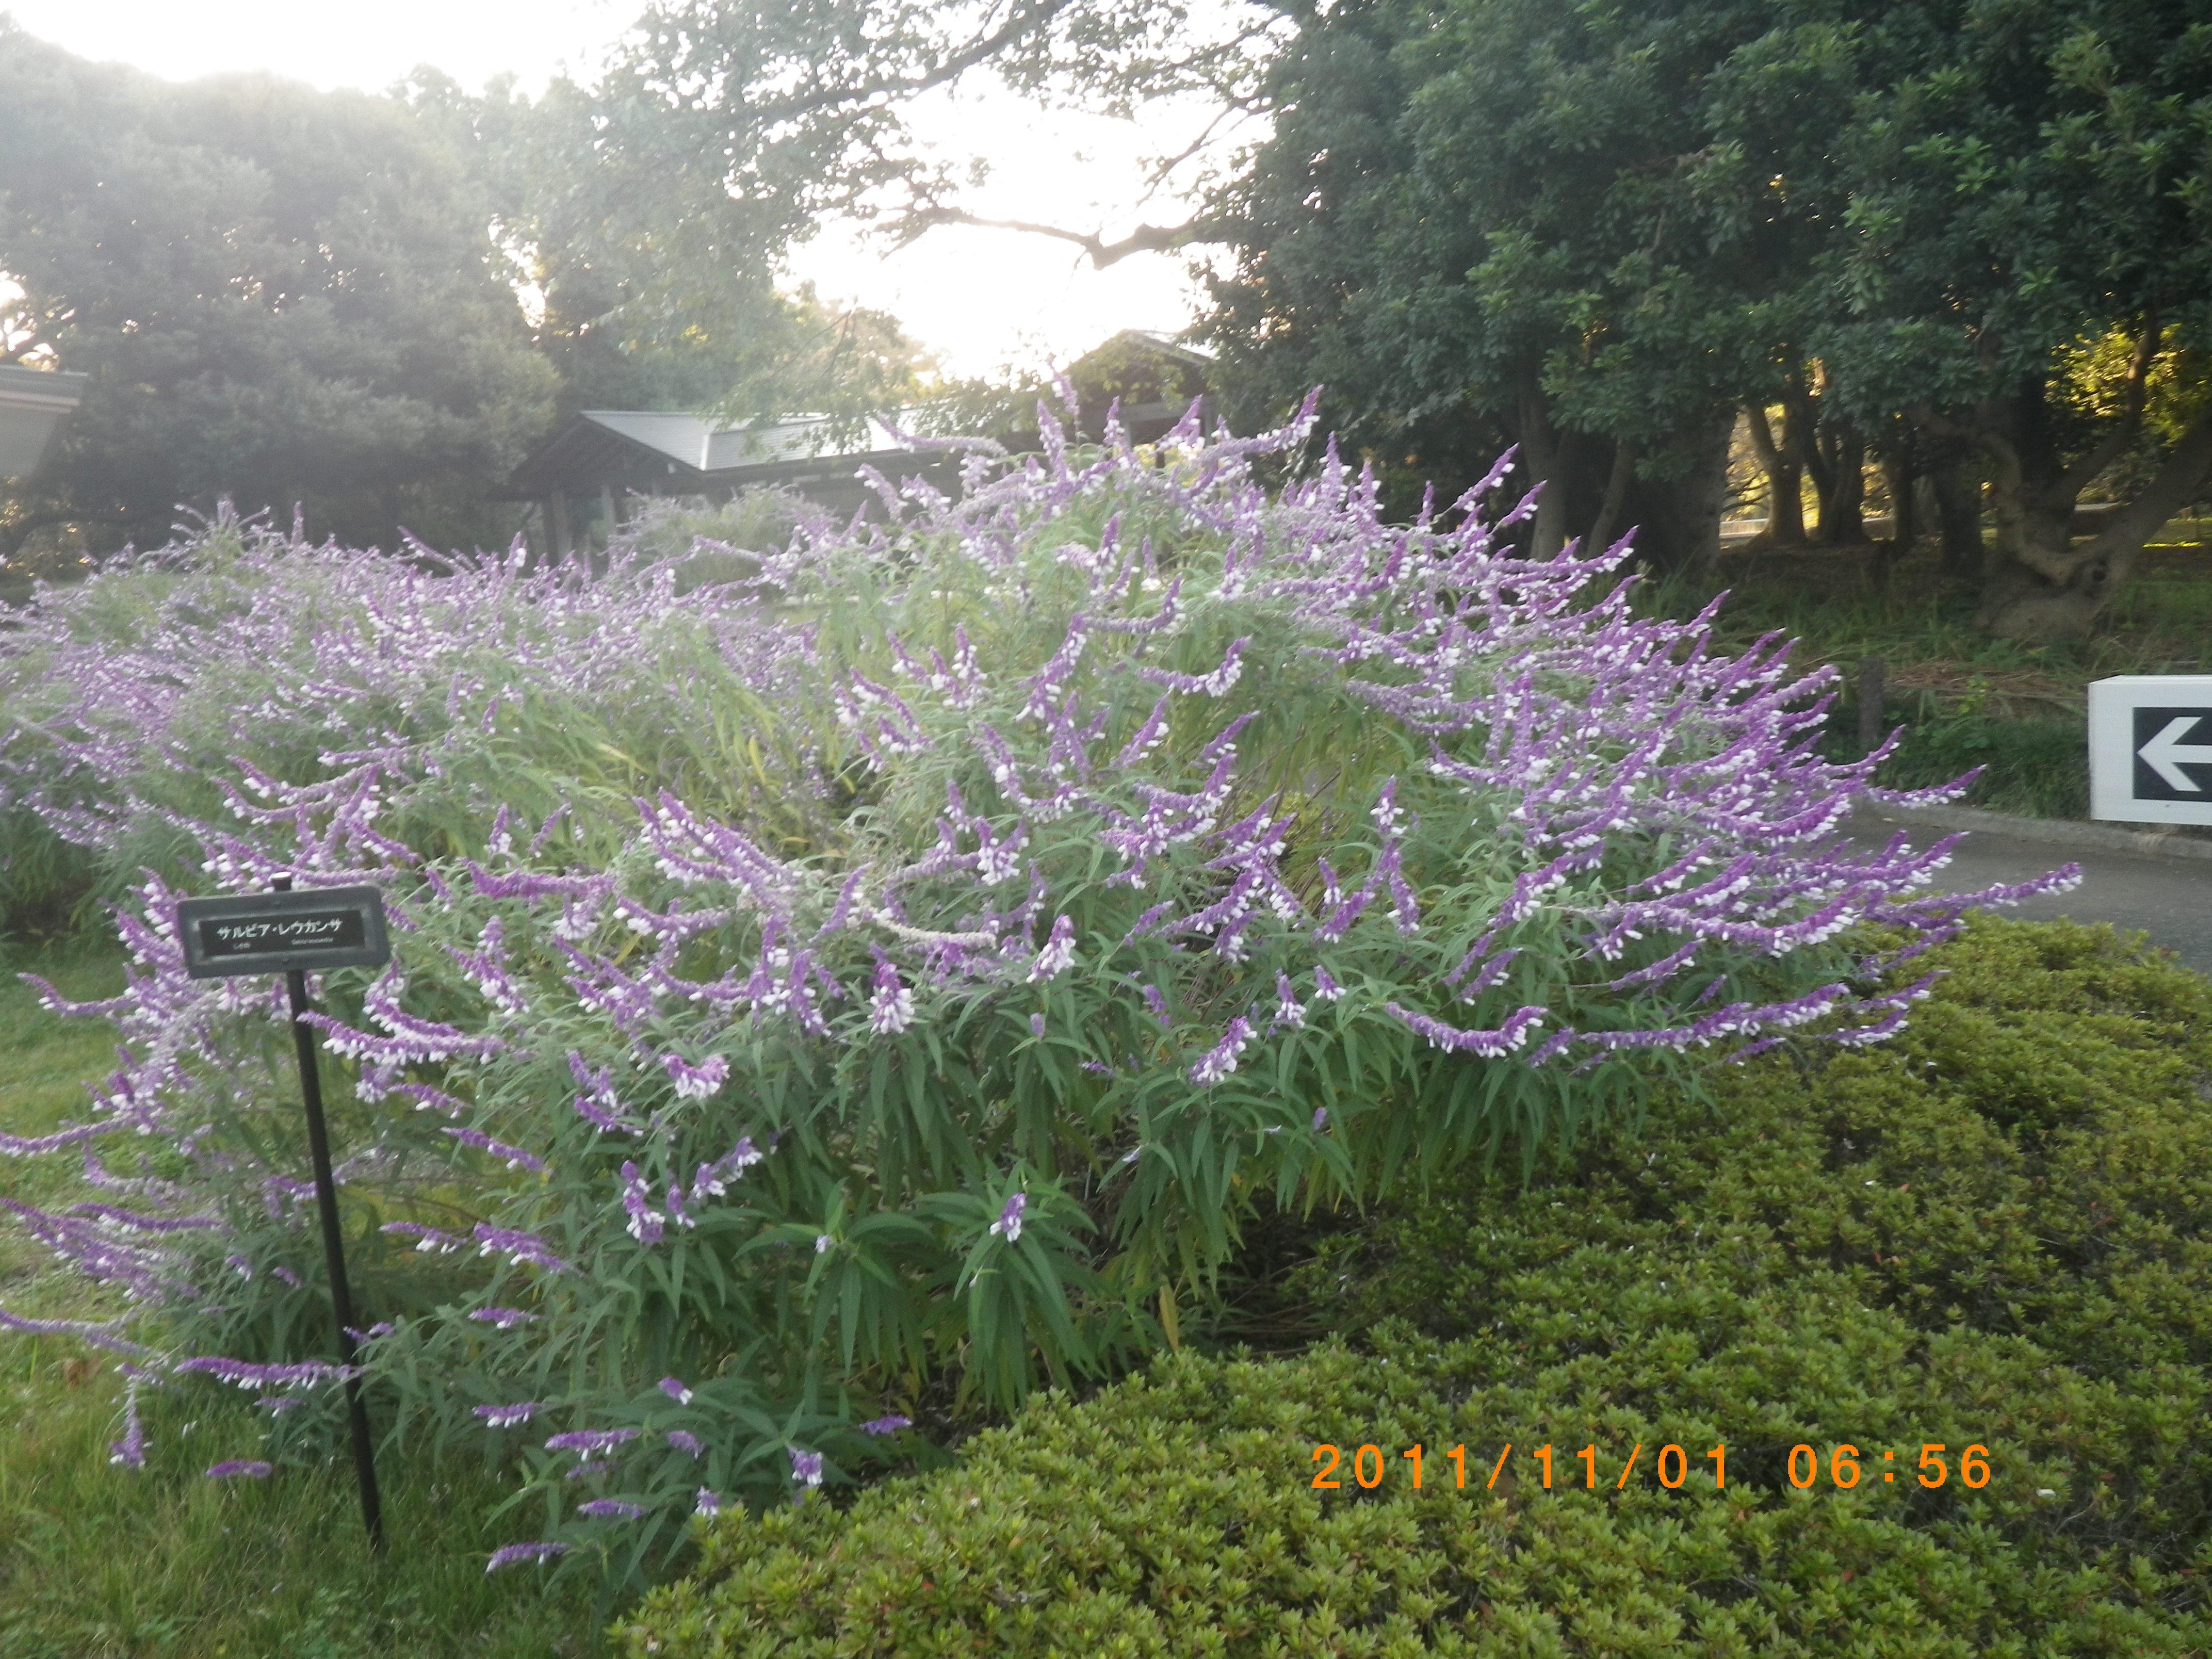 http://www.law-pro.jp/weblog/IMGP0124.JPG